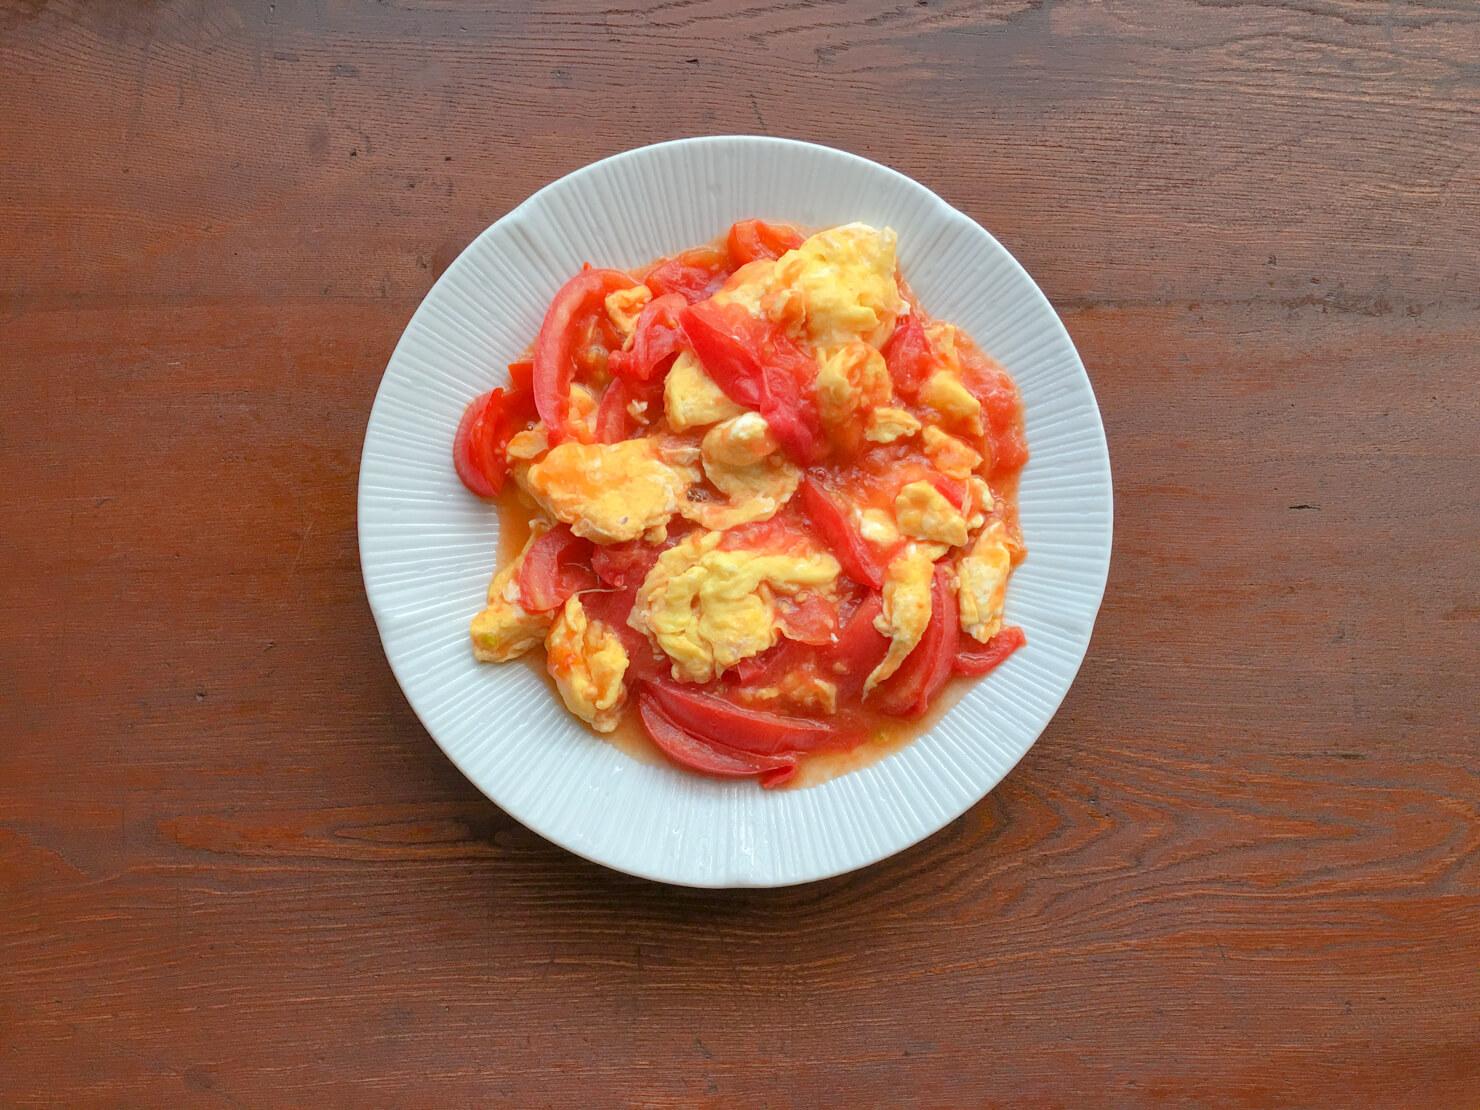 トマトと卵の炒め物の写真